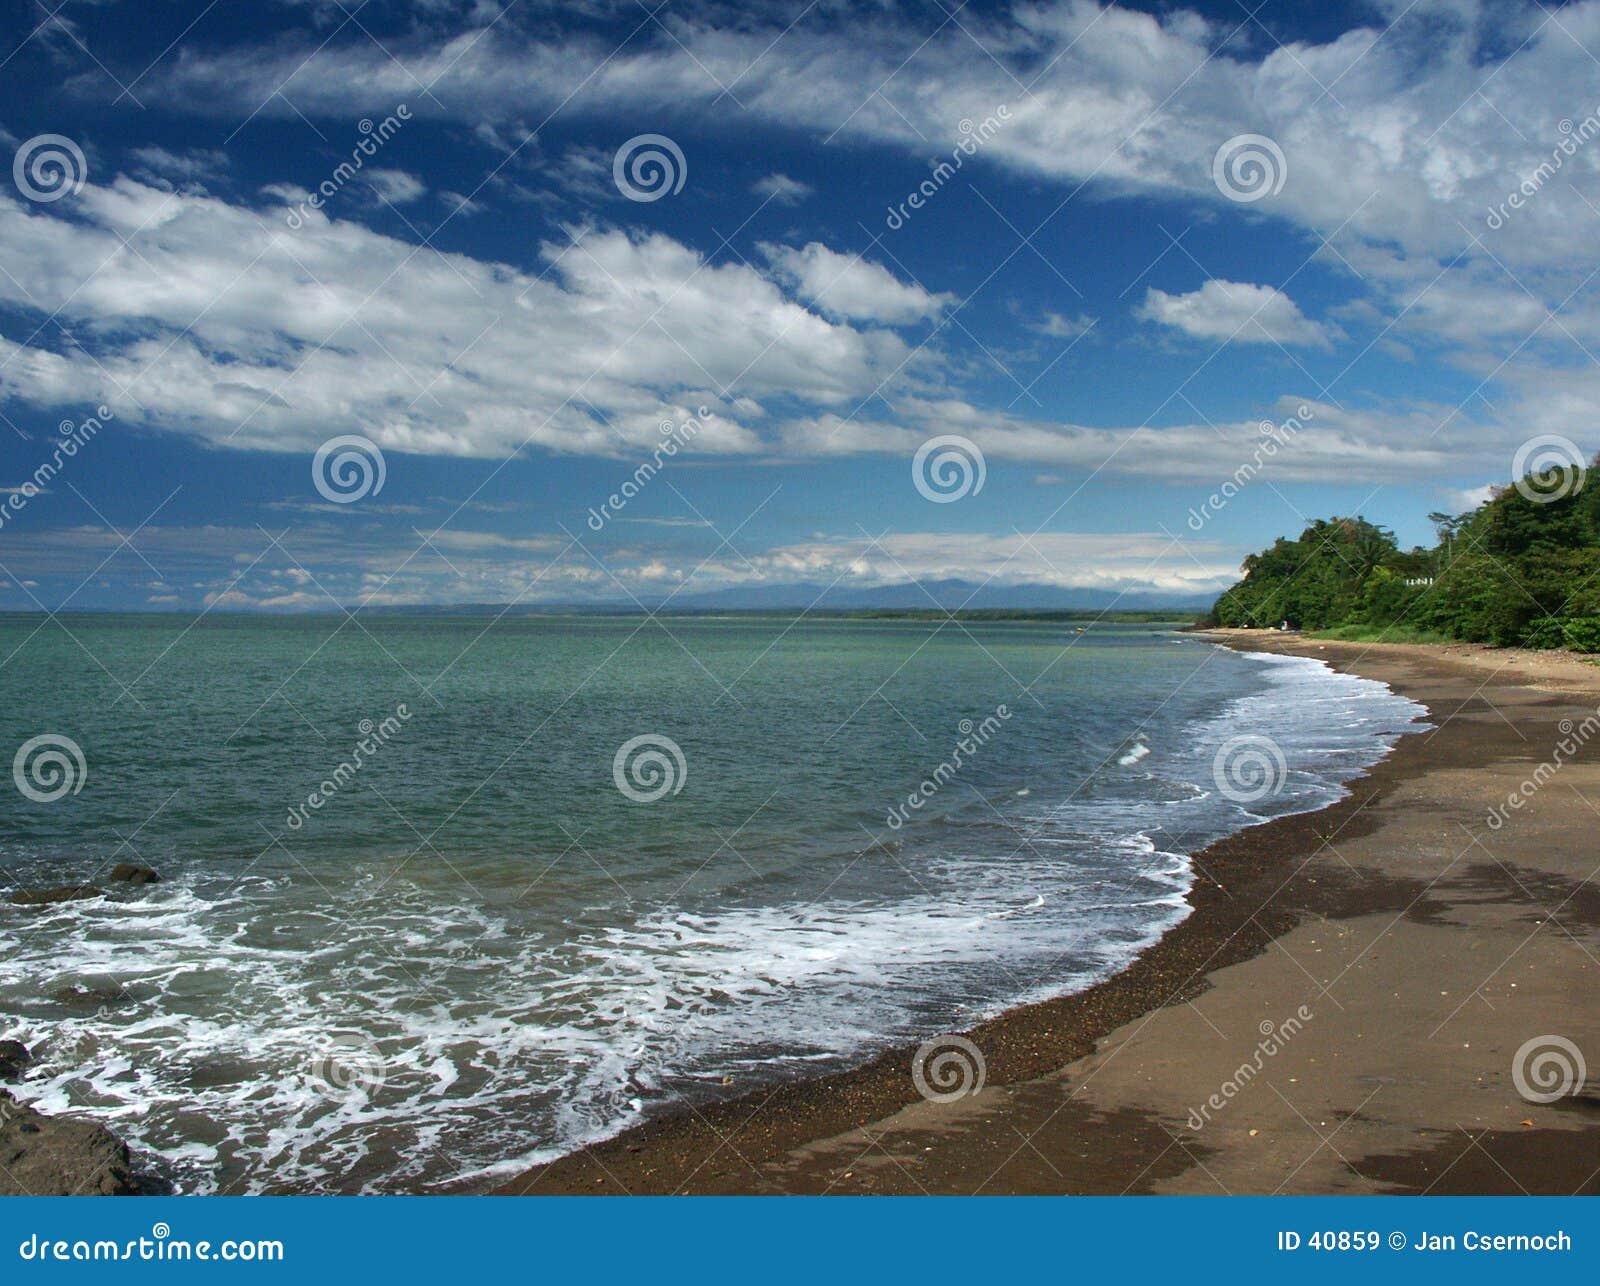 Låg tide för strand